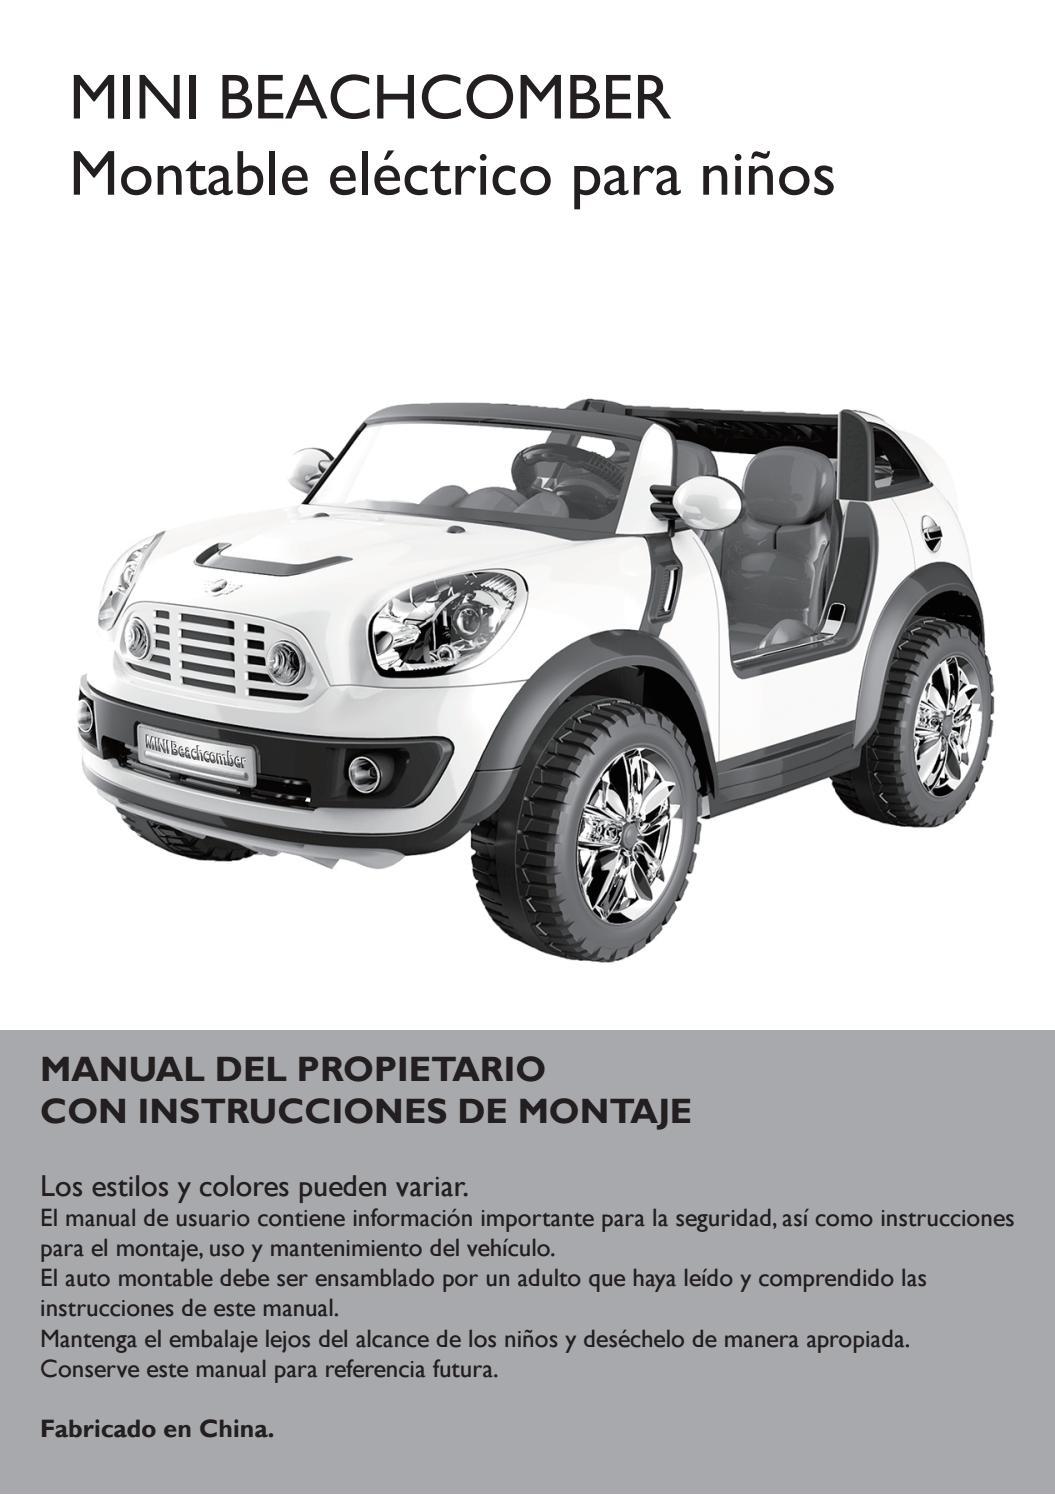 Mini automóvil cooper manual del propietario descargar gratis.